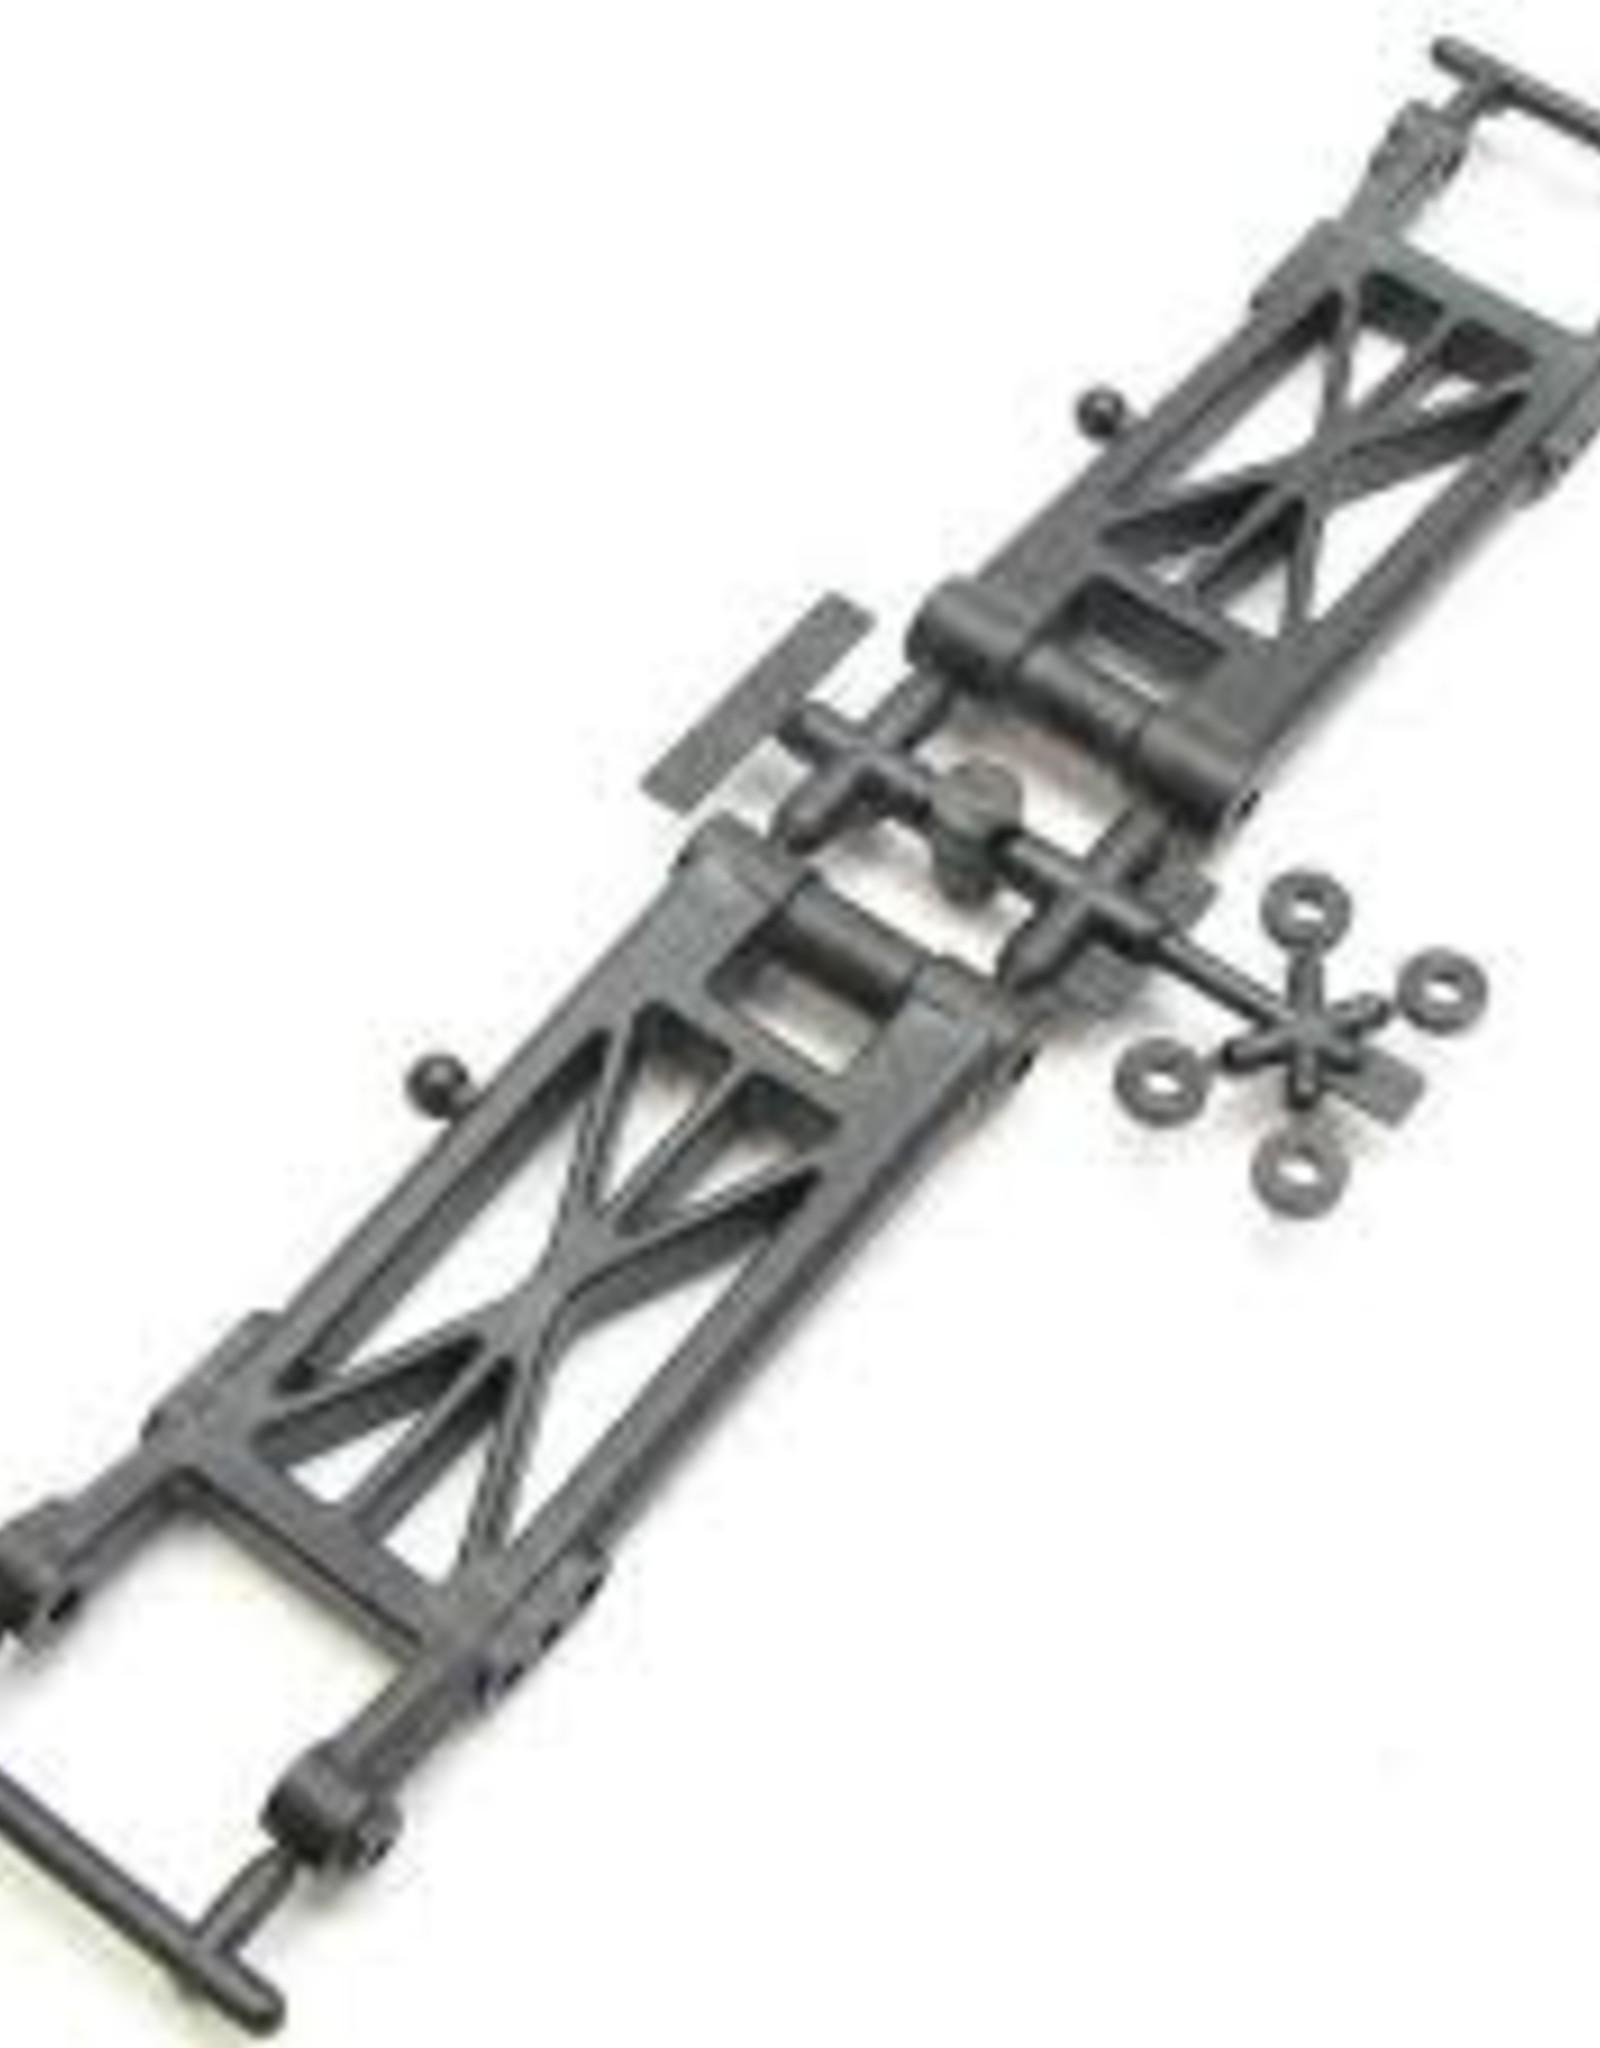 Sworkz S12-2 FR Lower Arm Set Carbon Composite Material (Hard)